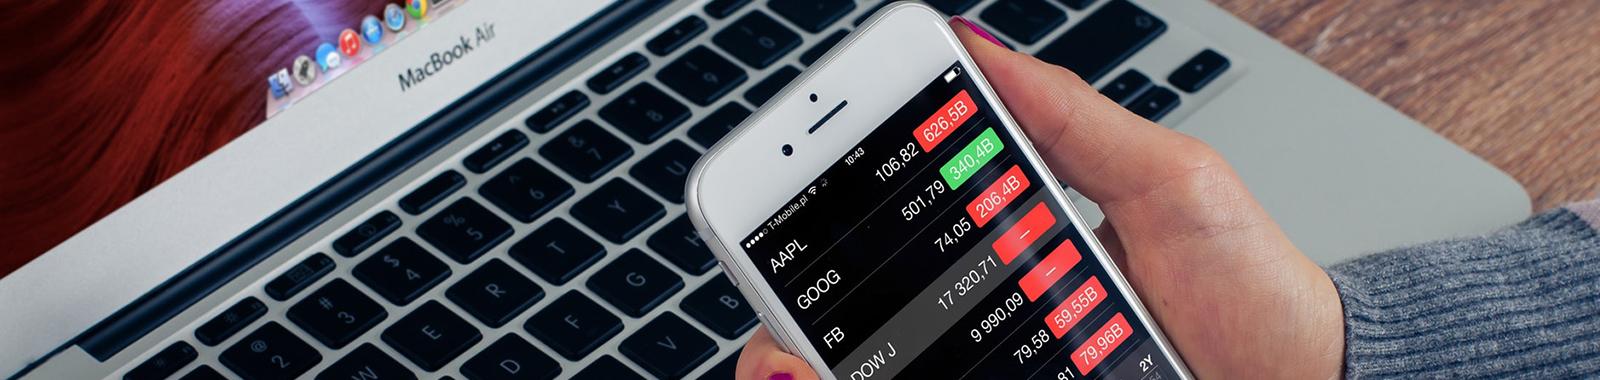 常德上市企业m6米乐app官网下载设计,常德上市企业m6米乐app官网下载建设方案